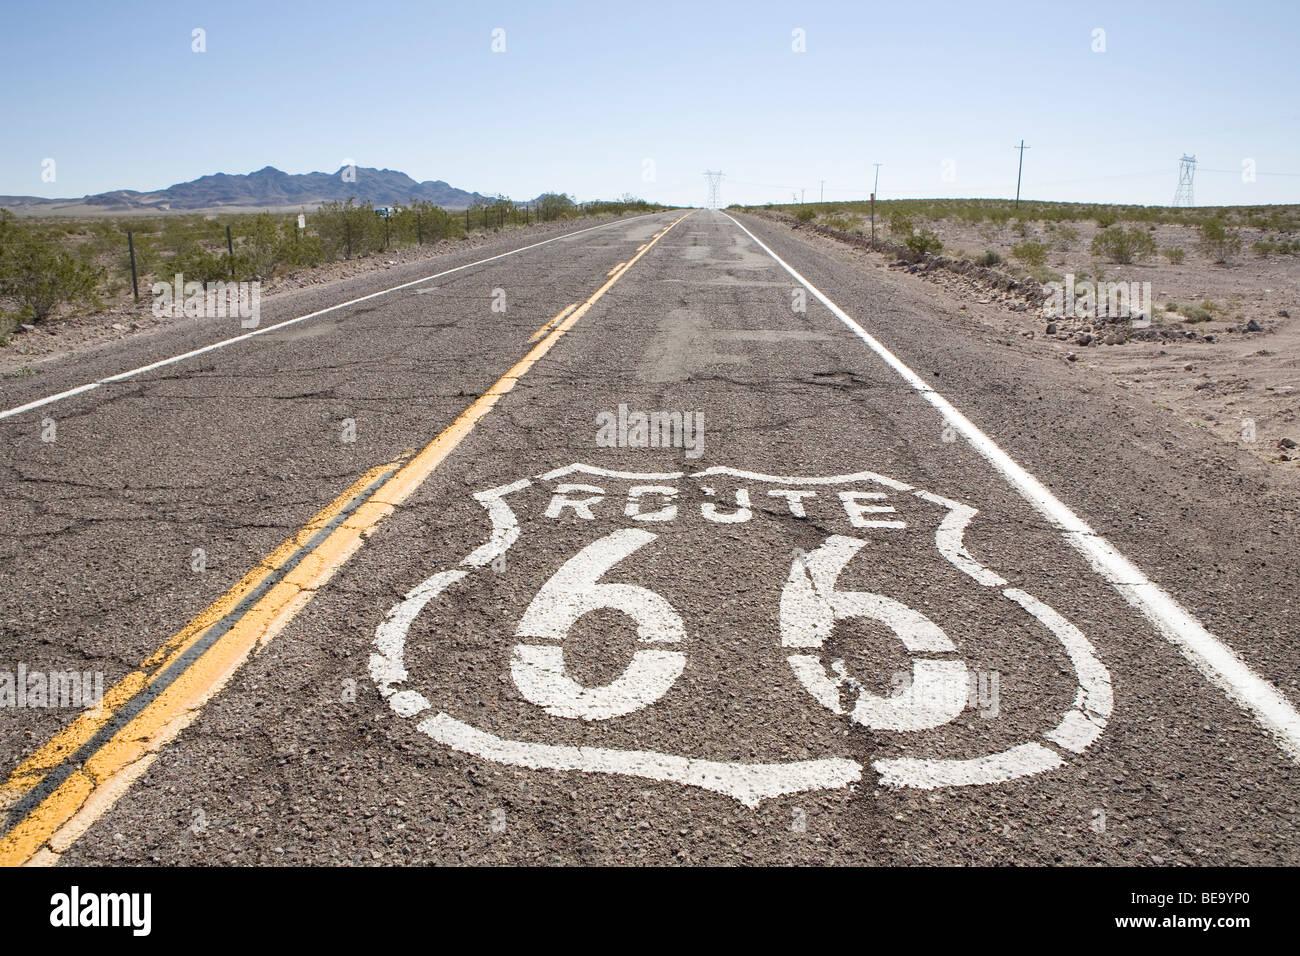 California Road Trip - Stock Image